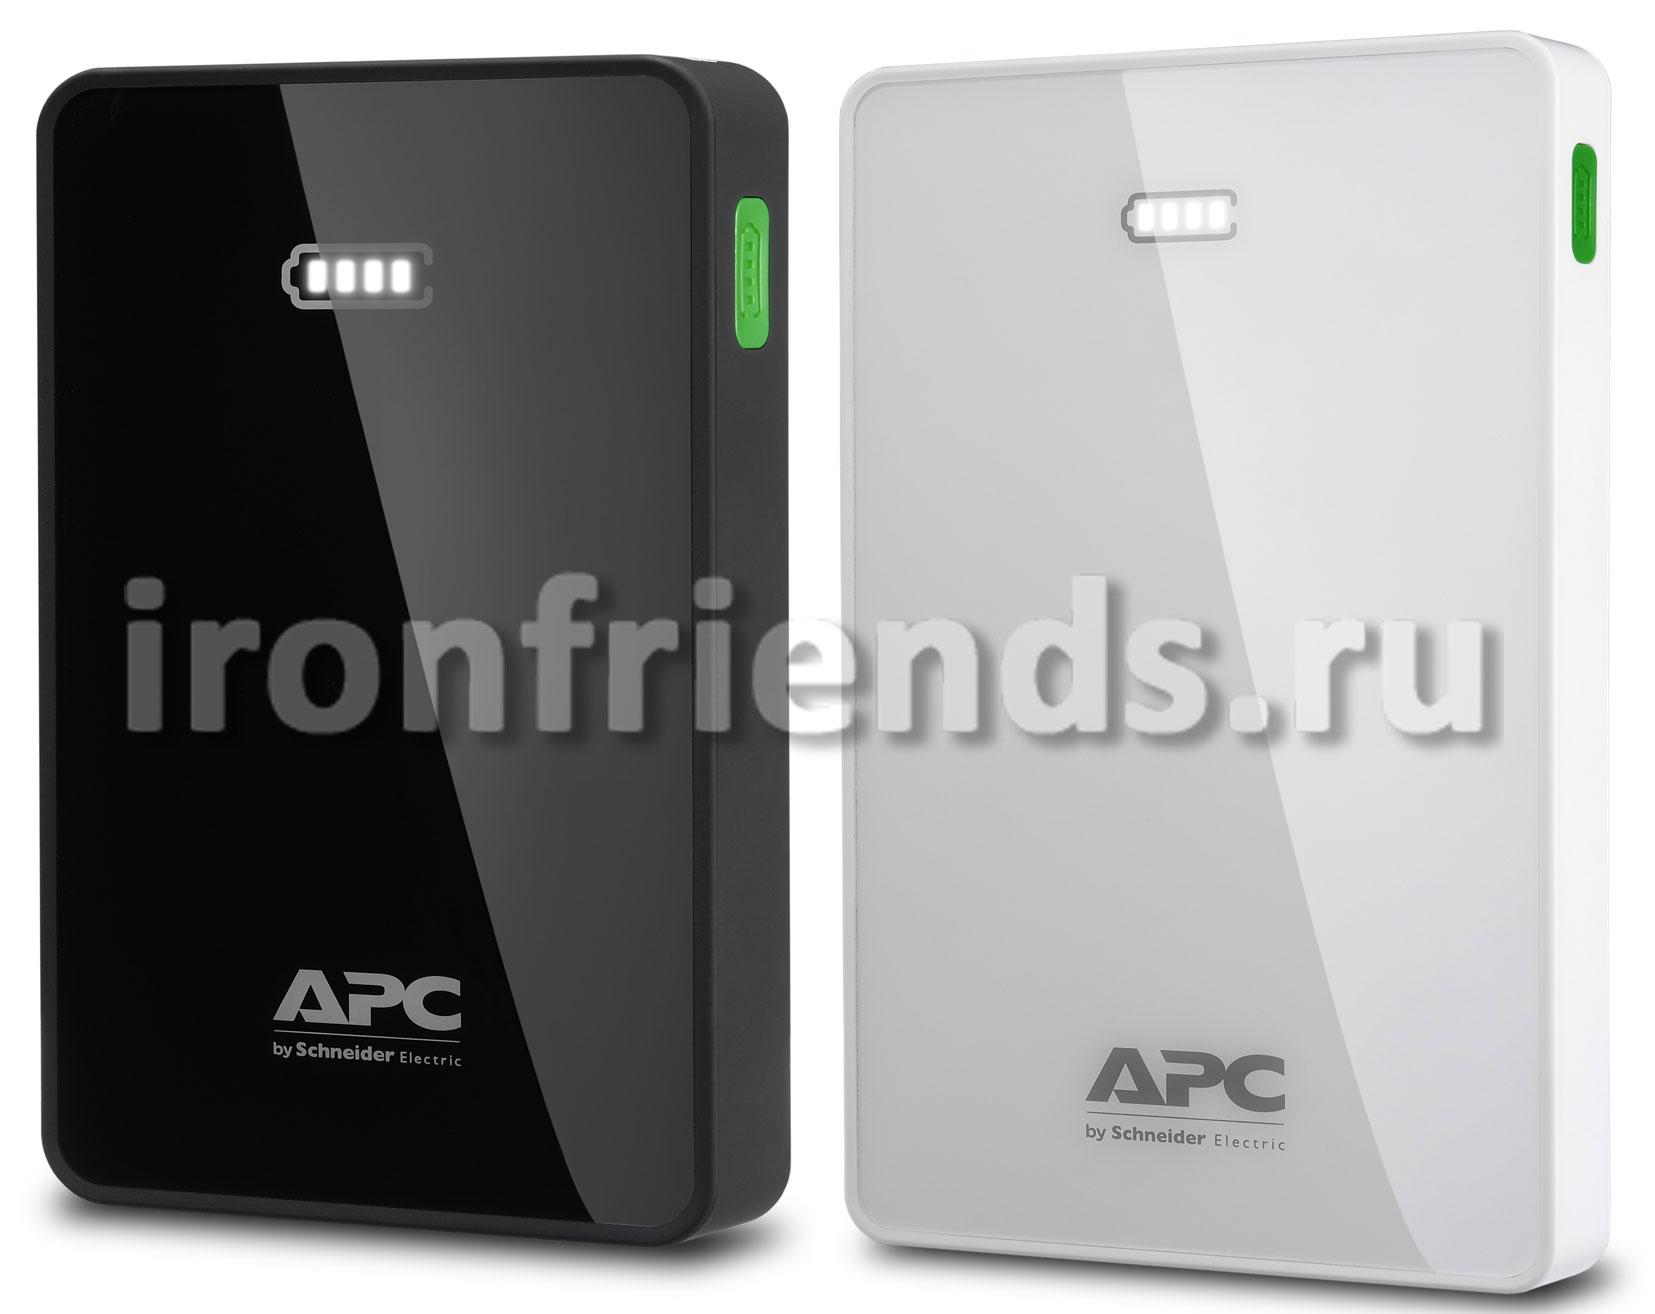 APC Mobile Power Pack M5 и M10